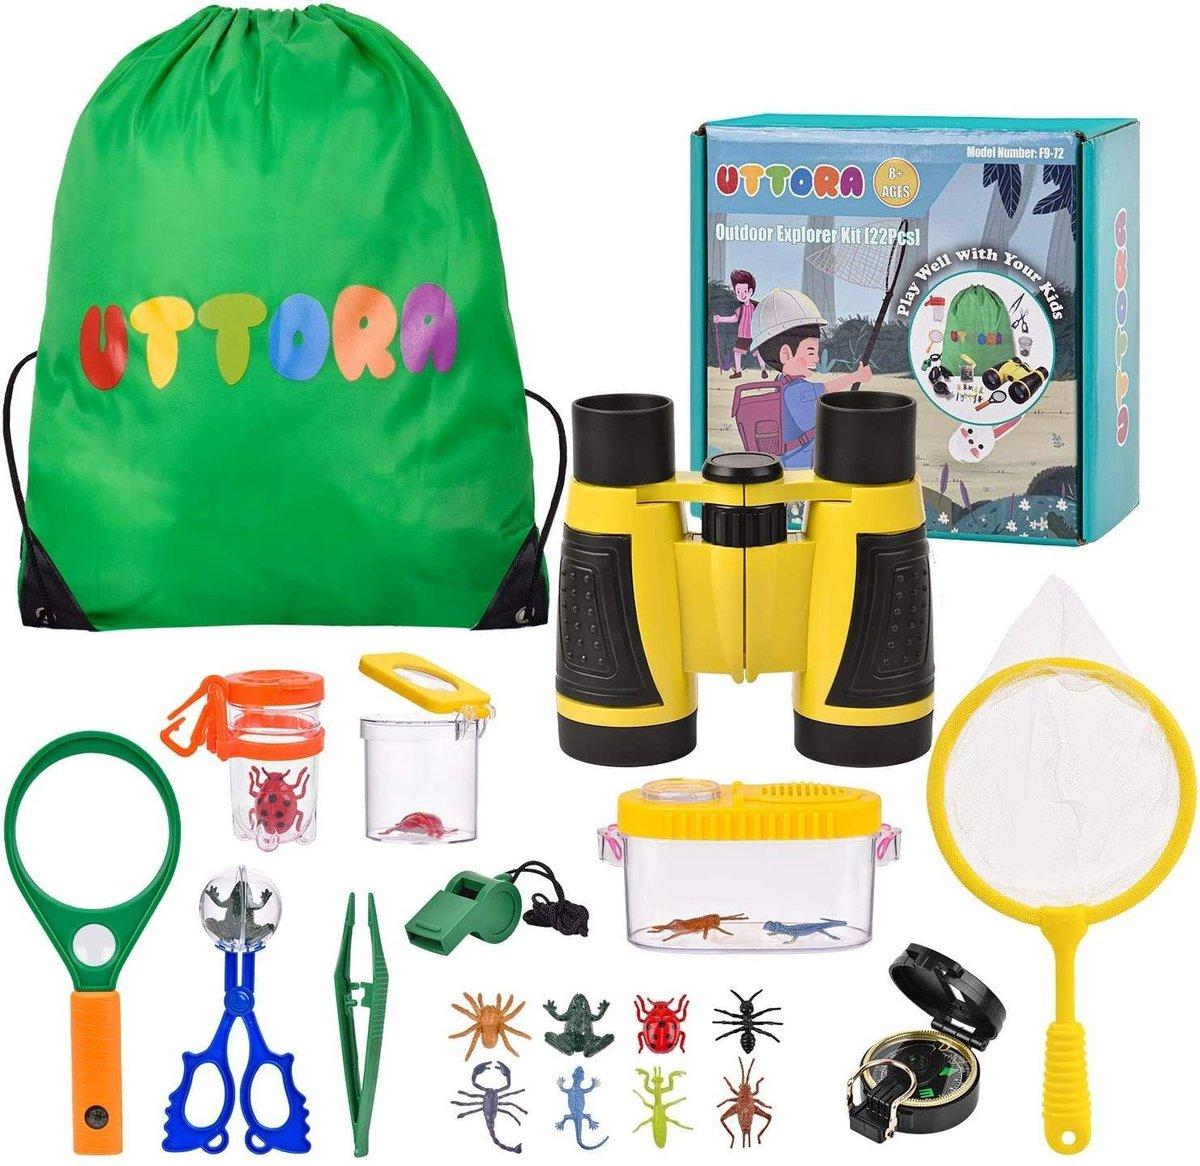 UTTORA® - Buitenspeelgoed set XL - Insectenkijker - Insectenpotje - Insecten speelgoed - 3 t/m 12 jaar - Camping speelgoed - Kinder kompas - Kinder verrekijker - Kinder vergrootglas - Kinder microscoop - XL Kinder insectenkijkerset 22-delig